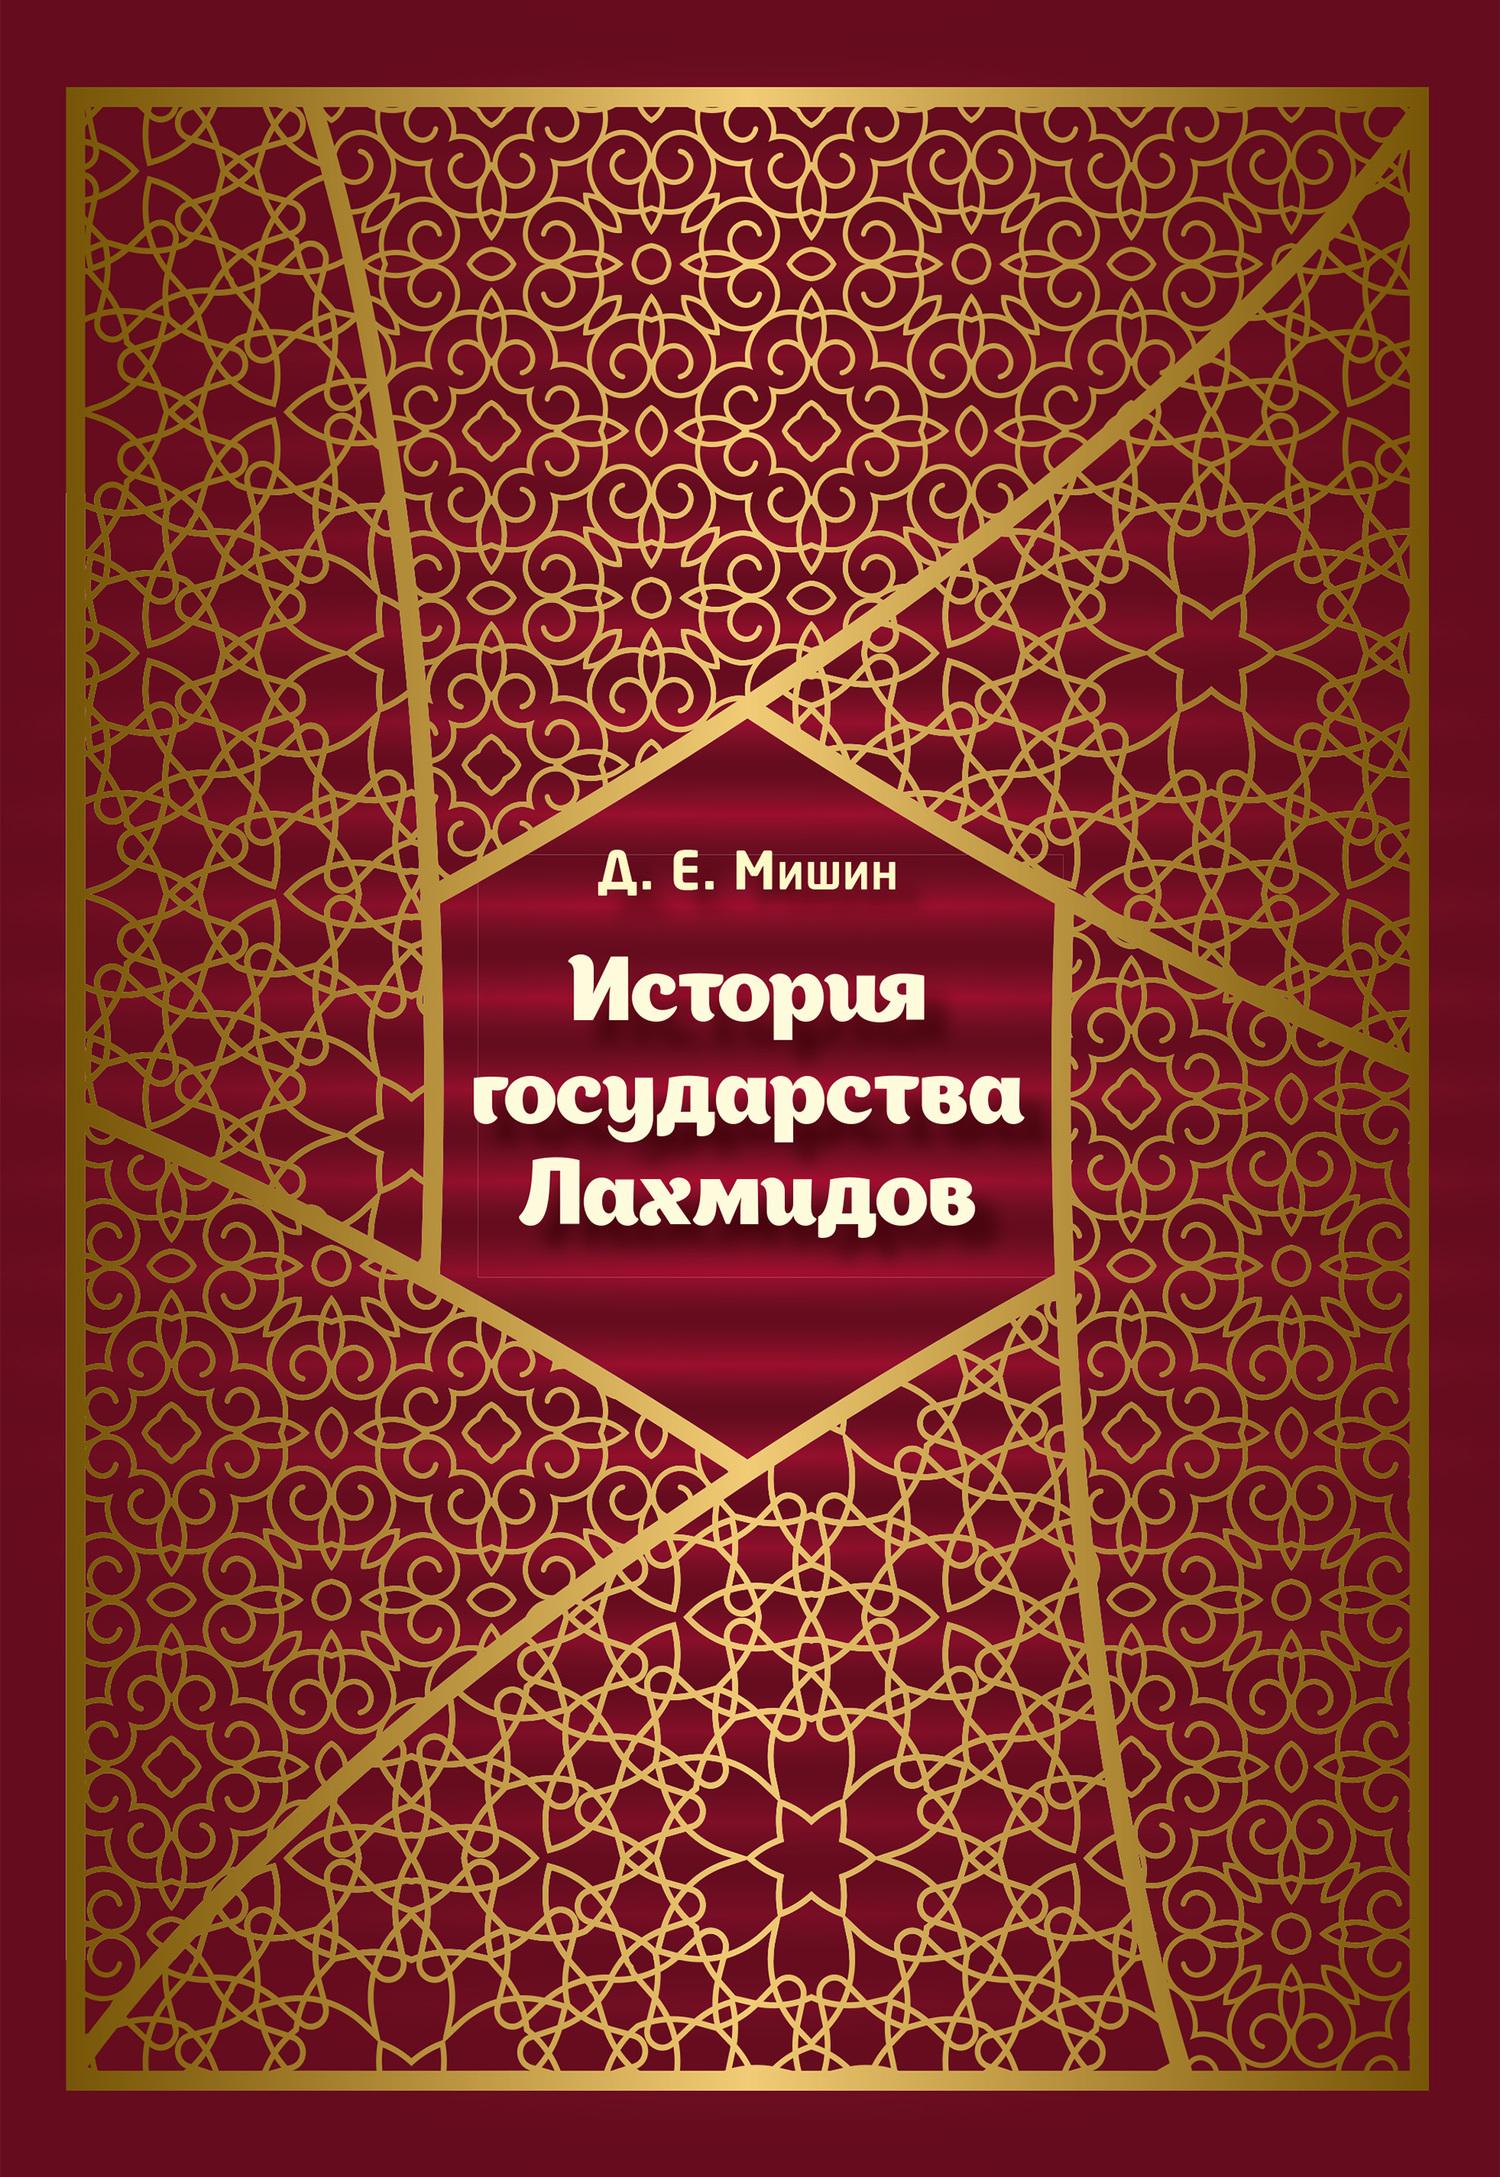 Д. Е. Мишин История государства Лахмидов ISBN: 978-5-906859-27-3 мишин д е история государства лахмидов